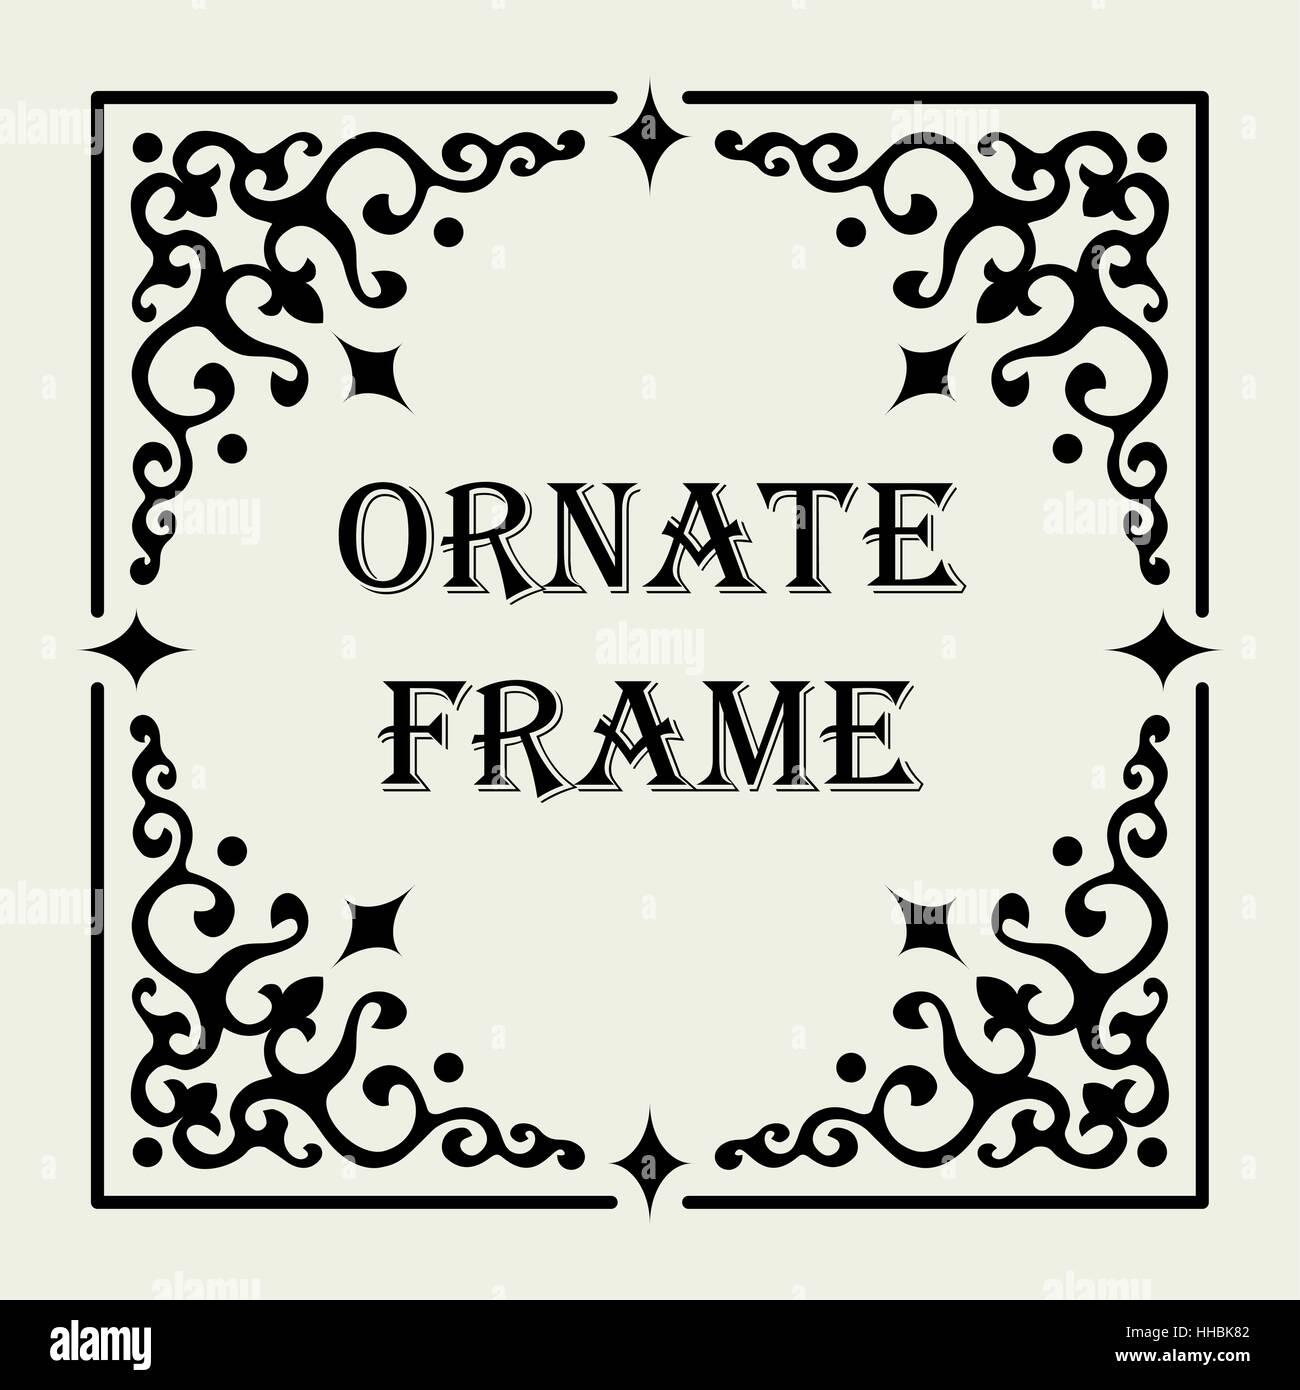 Vintage ornate frame. Vector design for text or image. The frame\'s ...